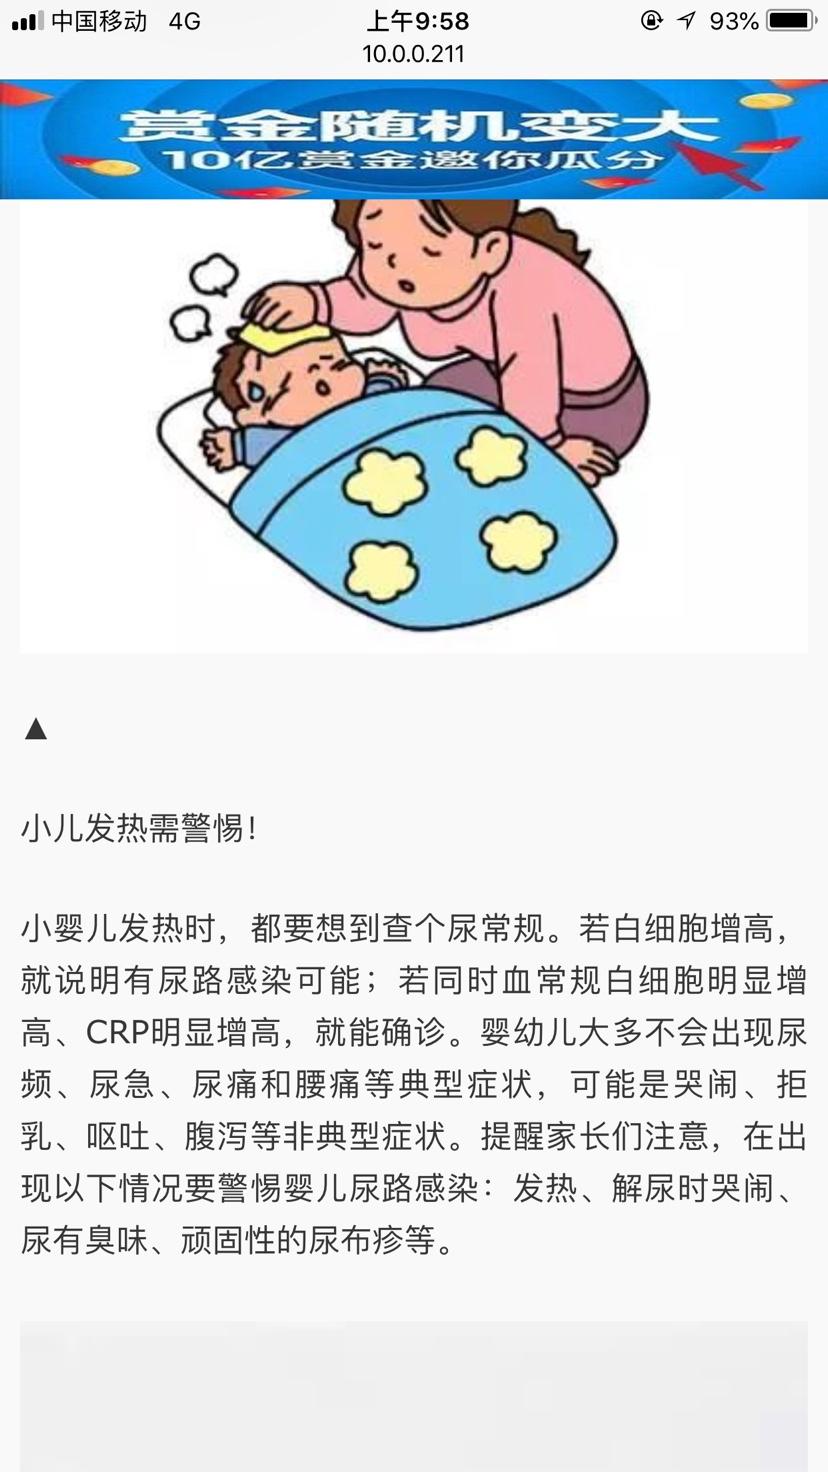 宝宝4个月多,前几天发烧,量了39度,马上去医院